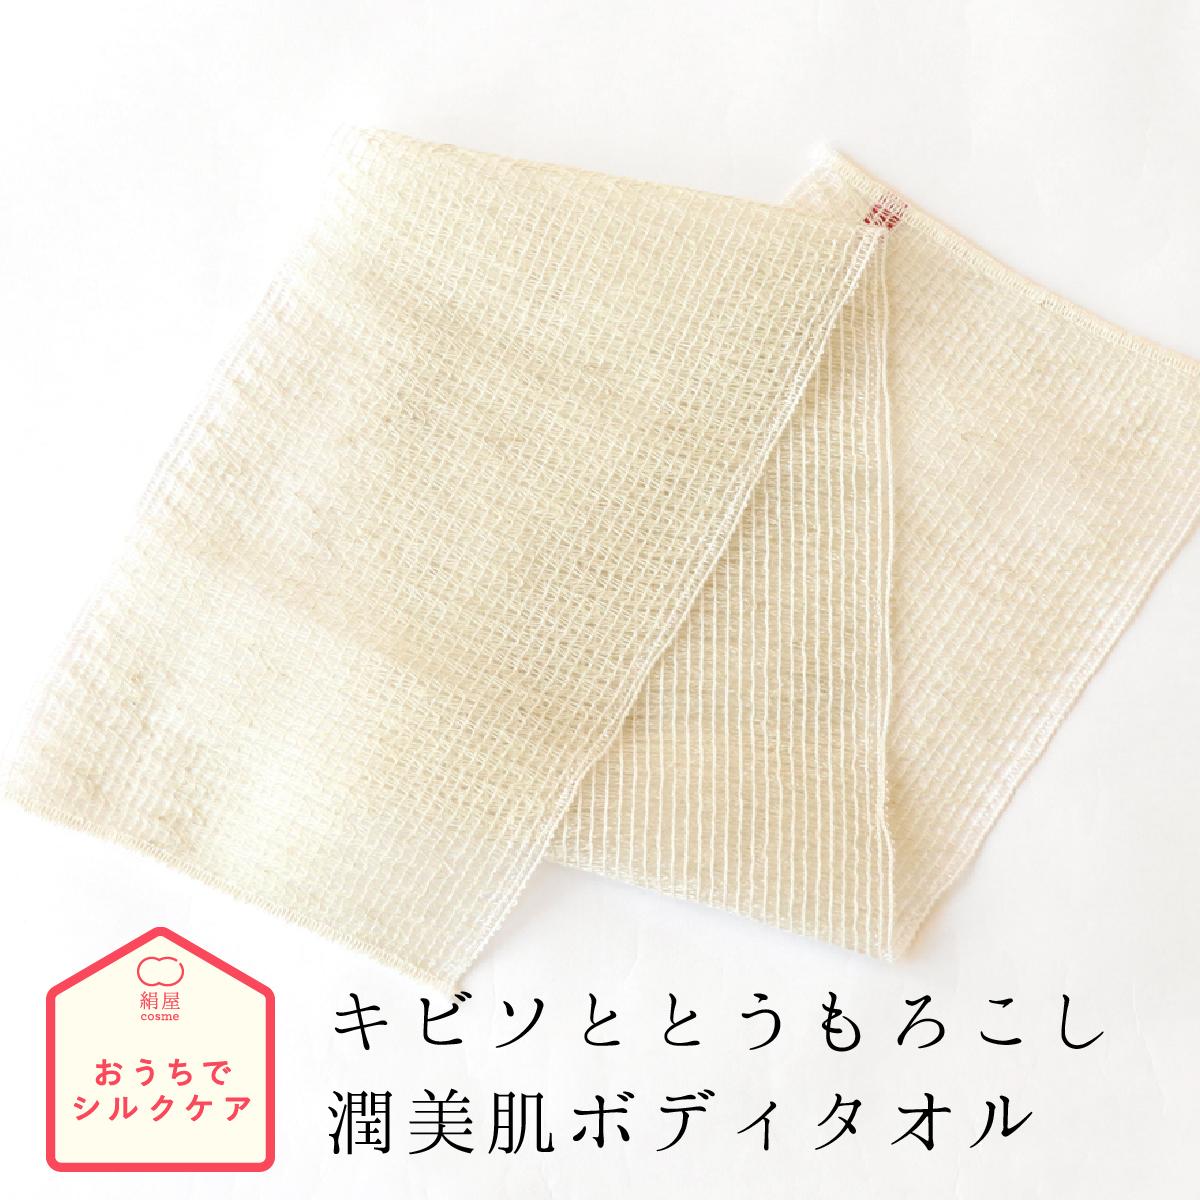 お肌についた汚れをやさしく洗い 人気の定番 すべすべな肌を保ちます 潤美肌 ボディタオル シルク とうもろこし タオル レディース メンズ 美容 天然素材 豊富な品 絹屋 ギフト プレゼント コスメ 日本製 敬老の日